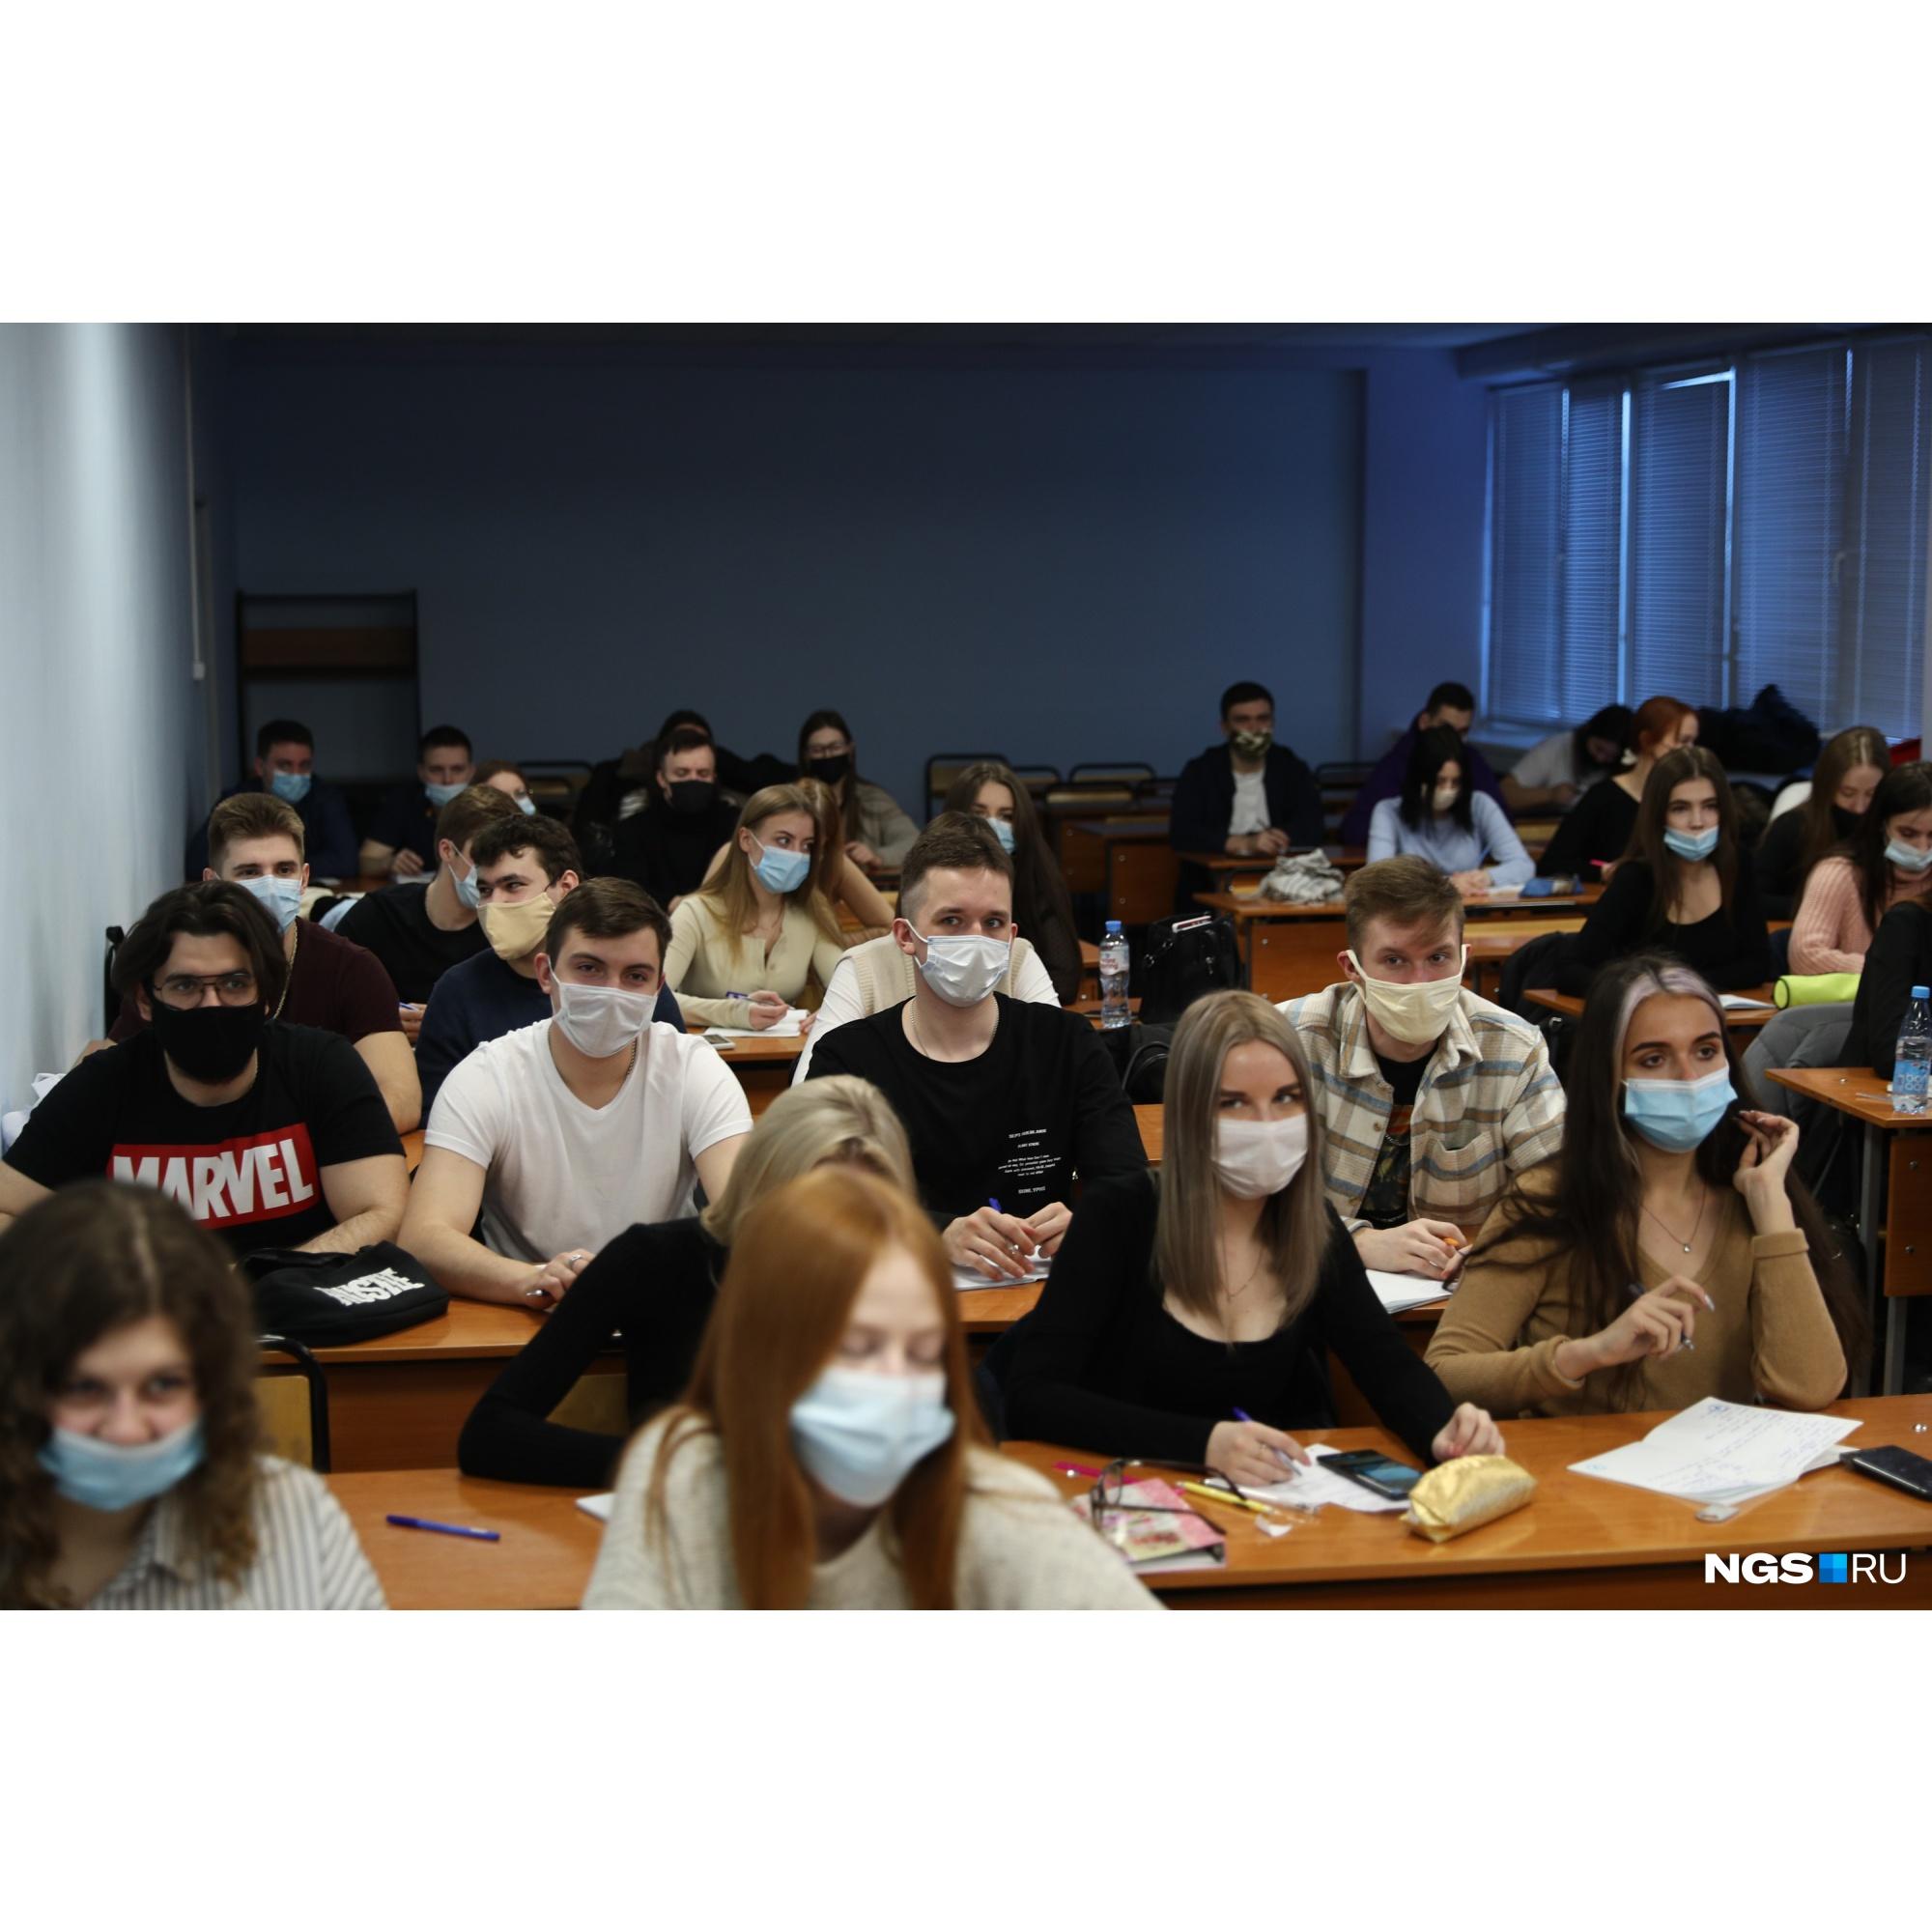 Соблюдать социальную дистанцию в небольших кабинетах трудно